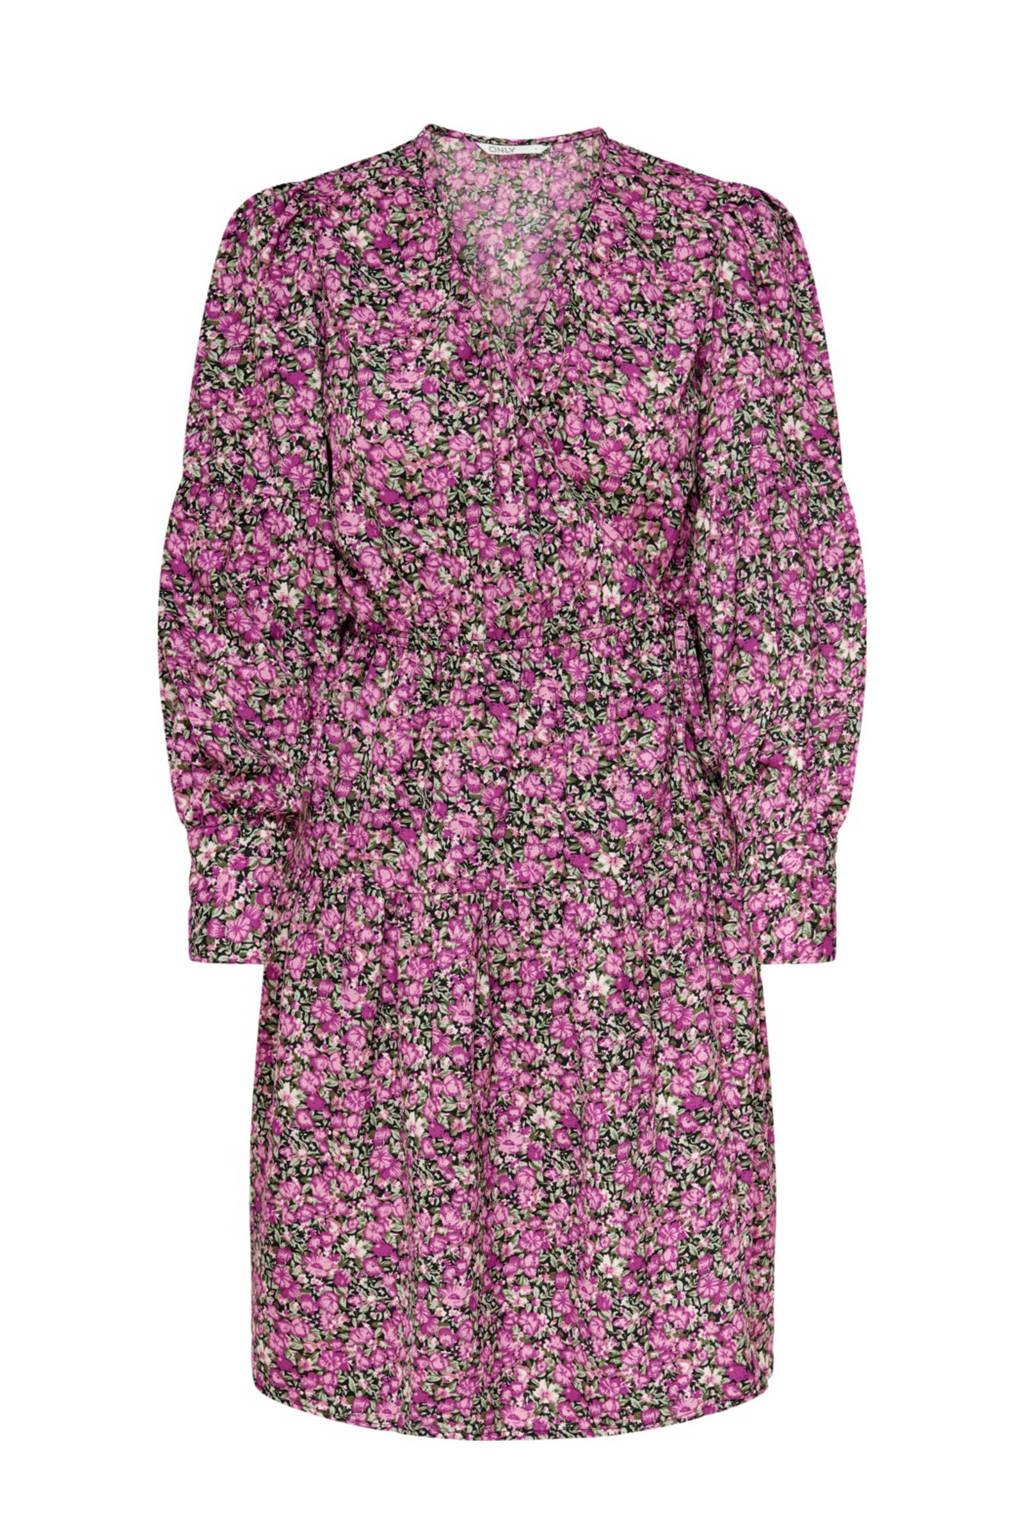 ONLY gebloemde A-lijn jurk roze, Roze